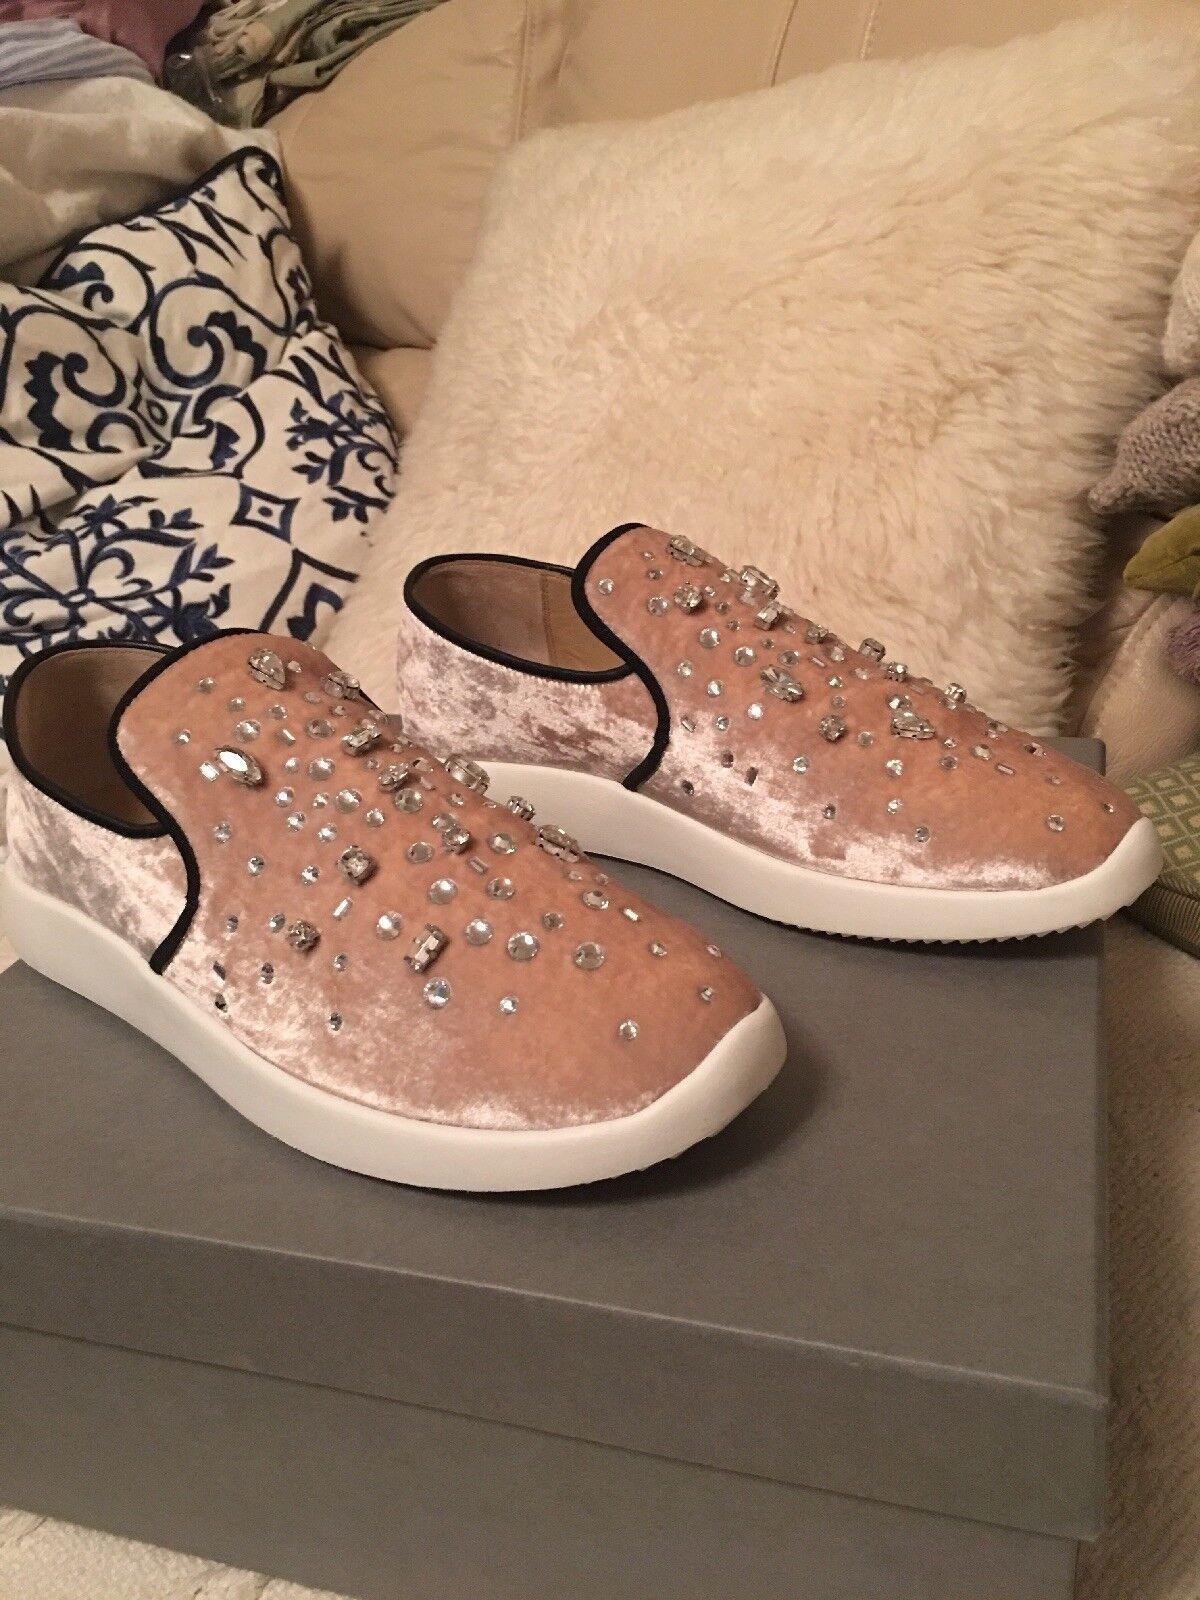 Giuseppe Zanotti Zanotti Zanotti Authentic women's sneakers